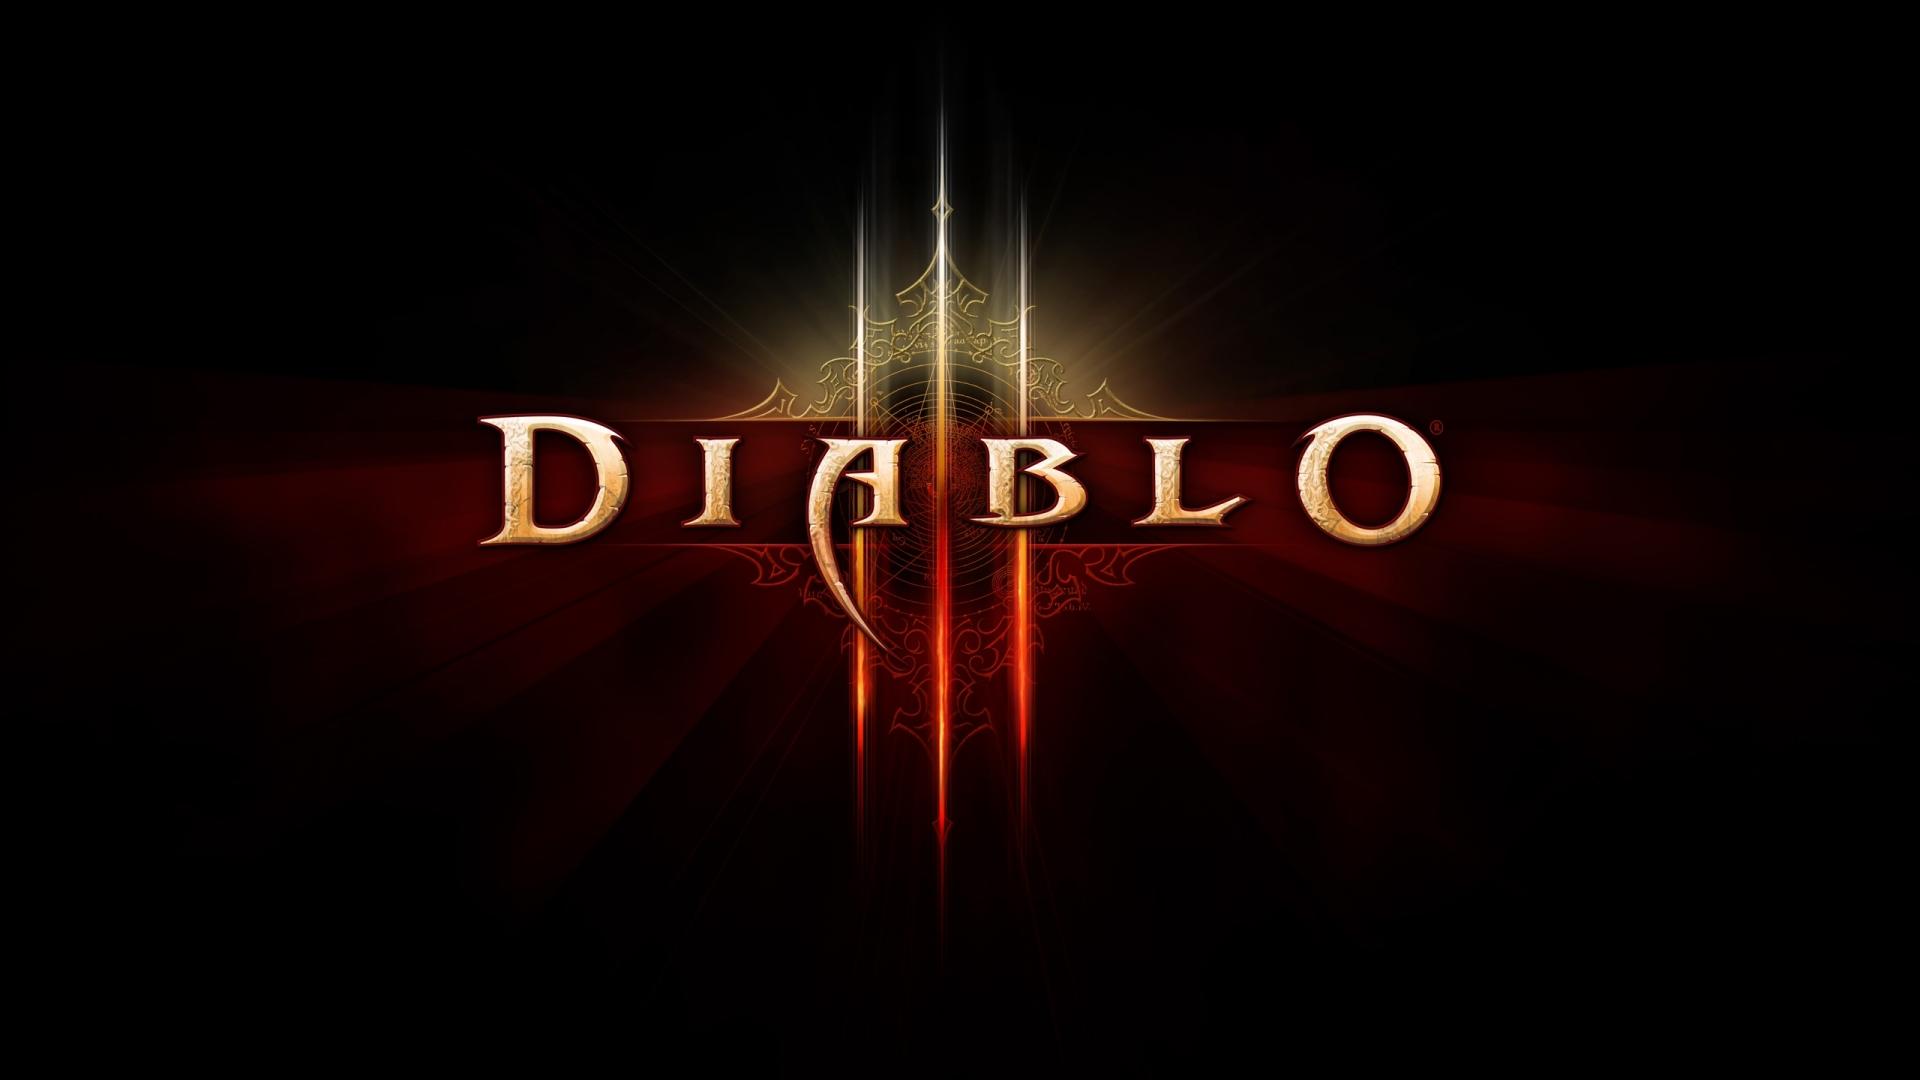 Diablo 3 Game Wallpaper